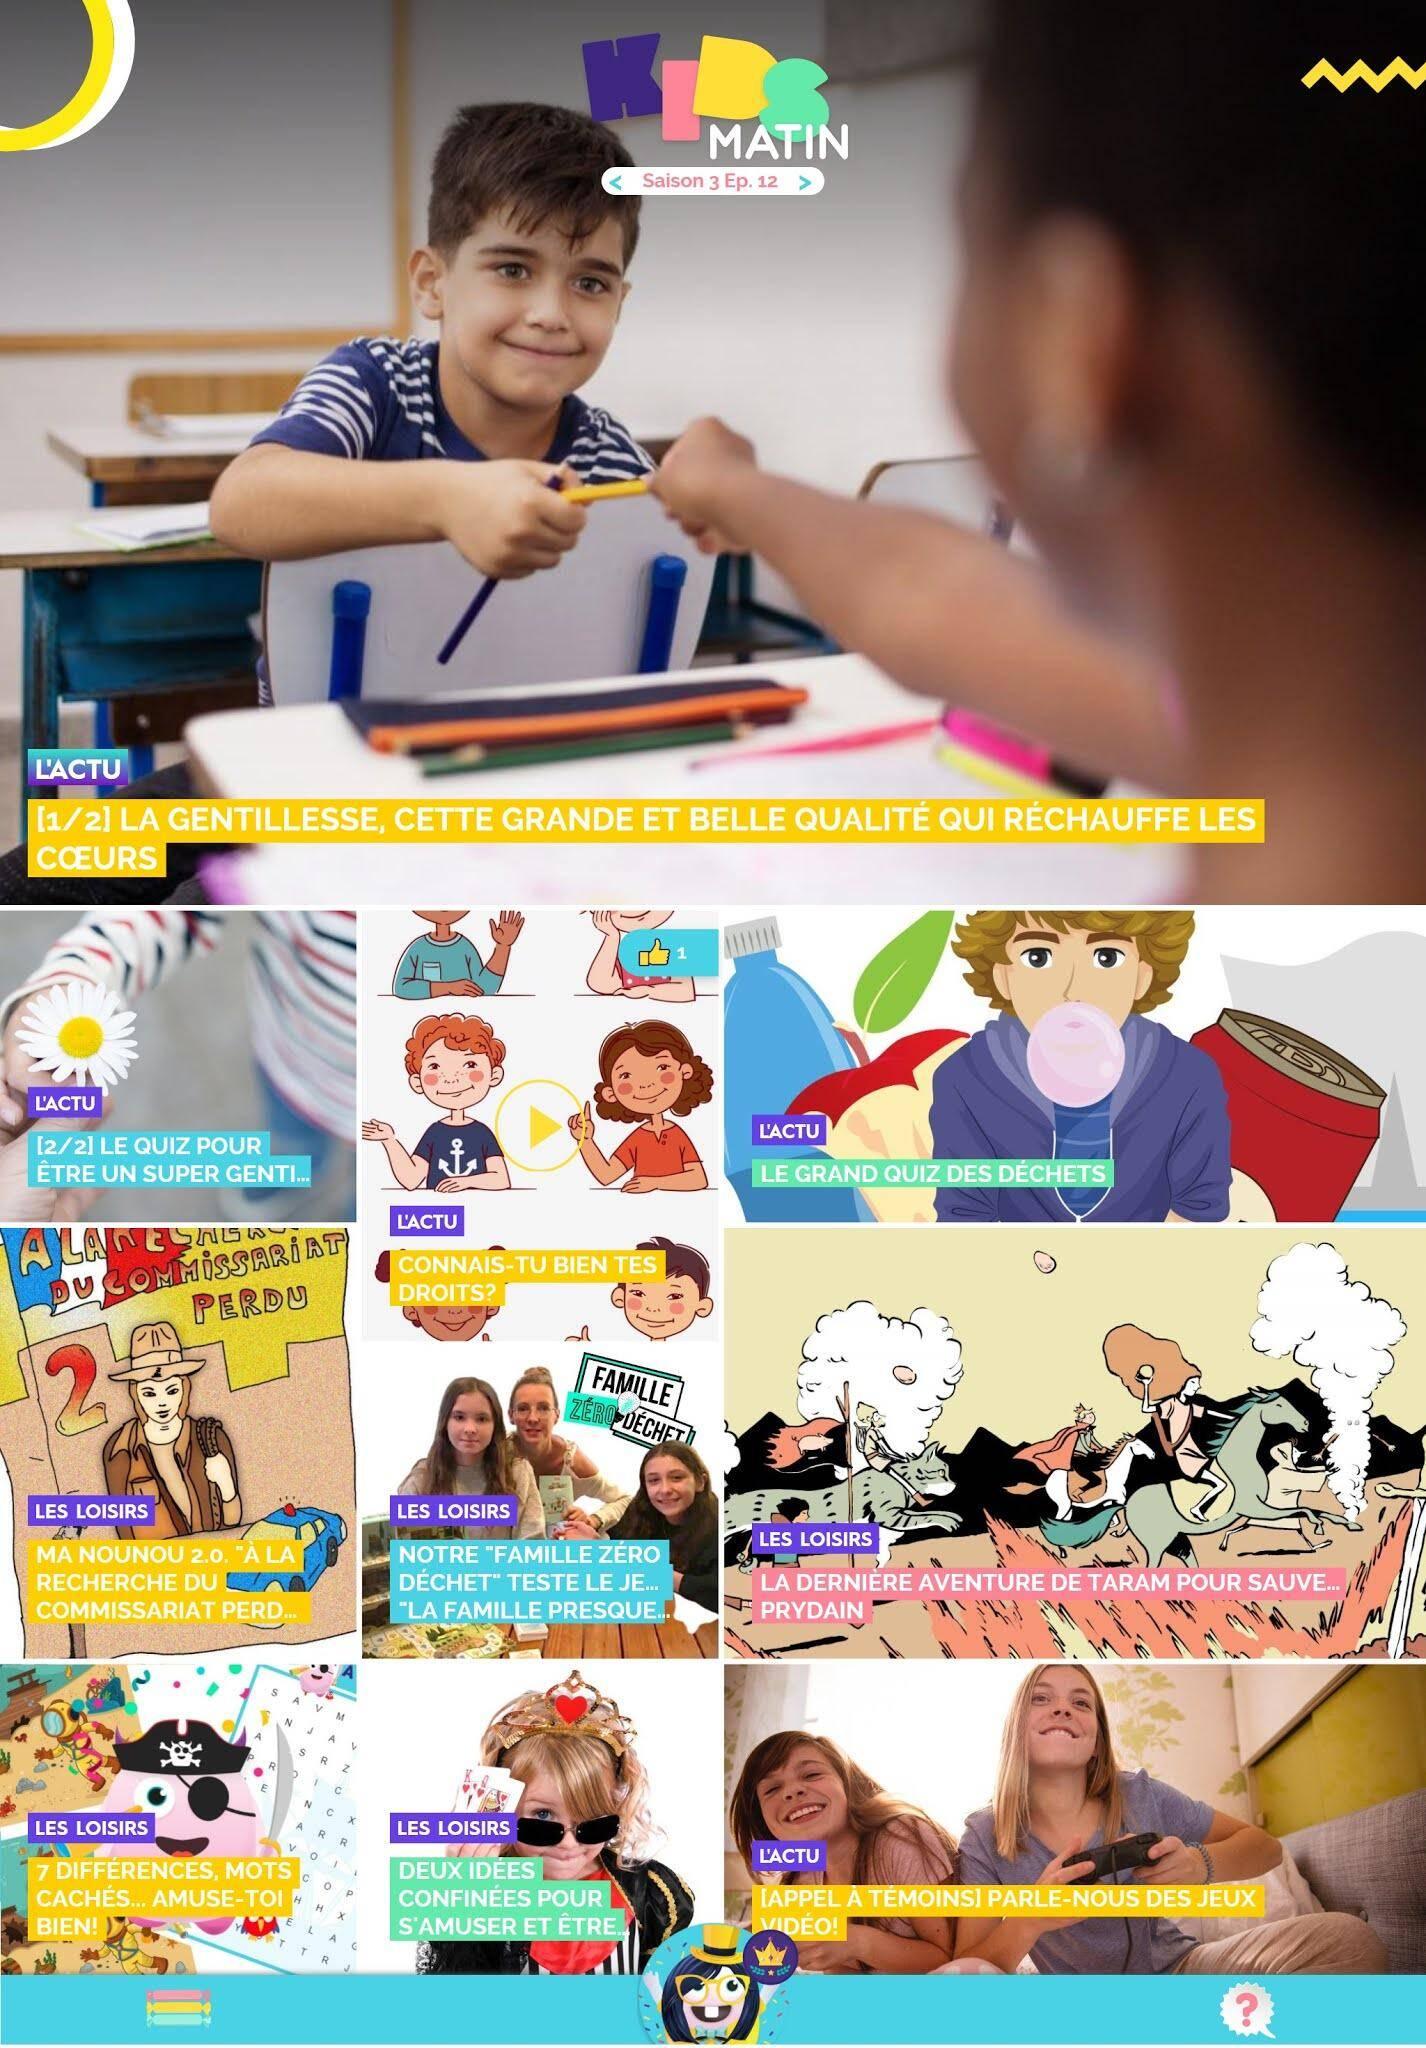 Au sommaire de kidsmatin.com ce mercredi 18 novembre.